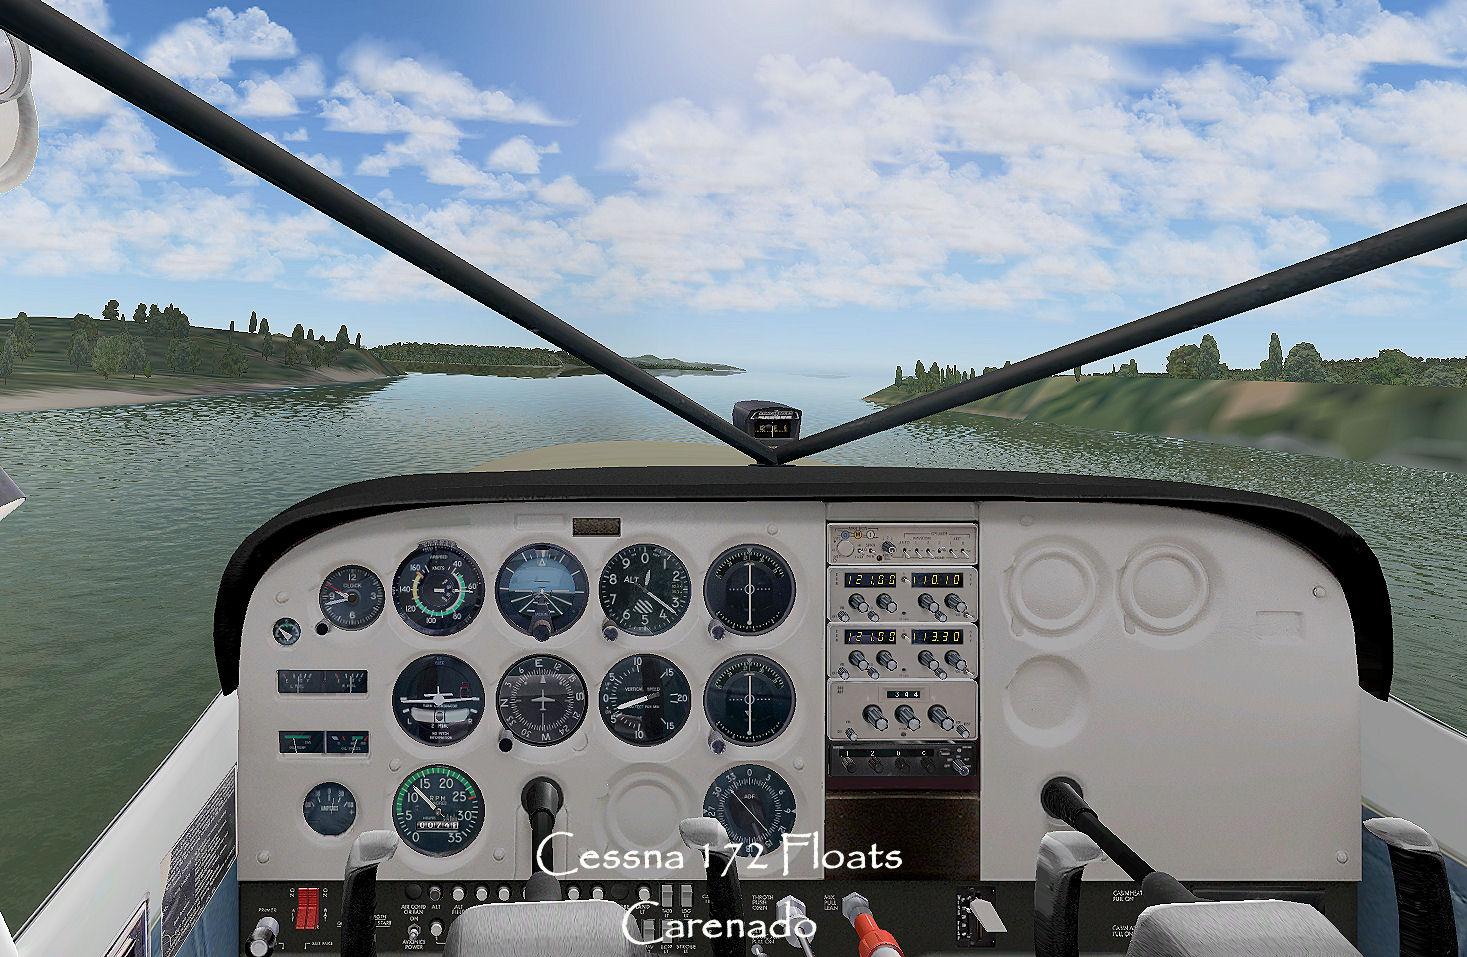 Carenado Cessna 172 Carenado Cessna 172 Panel